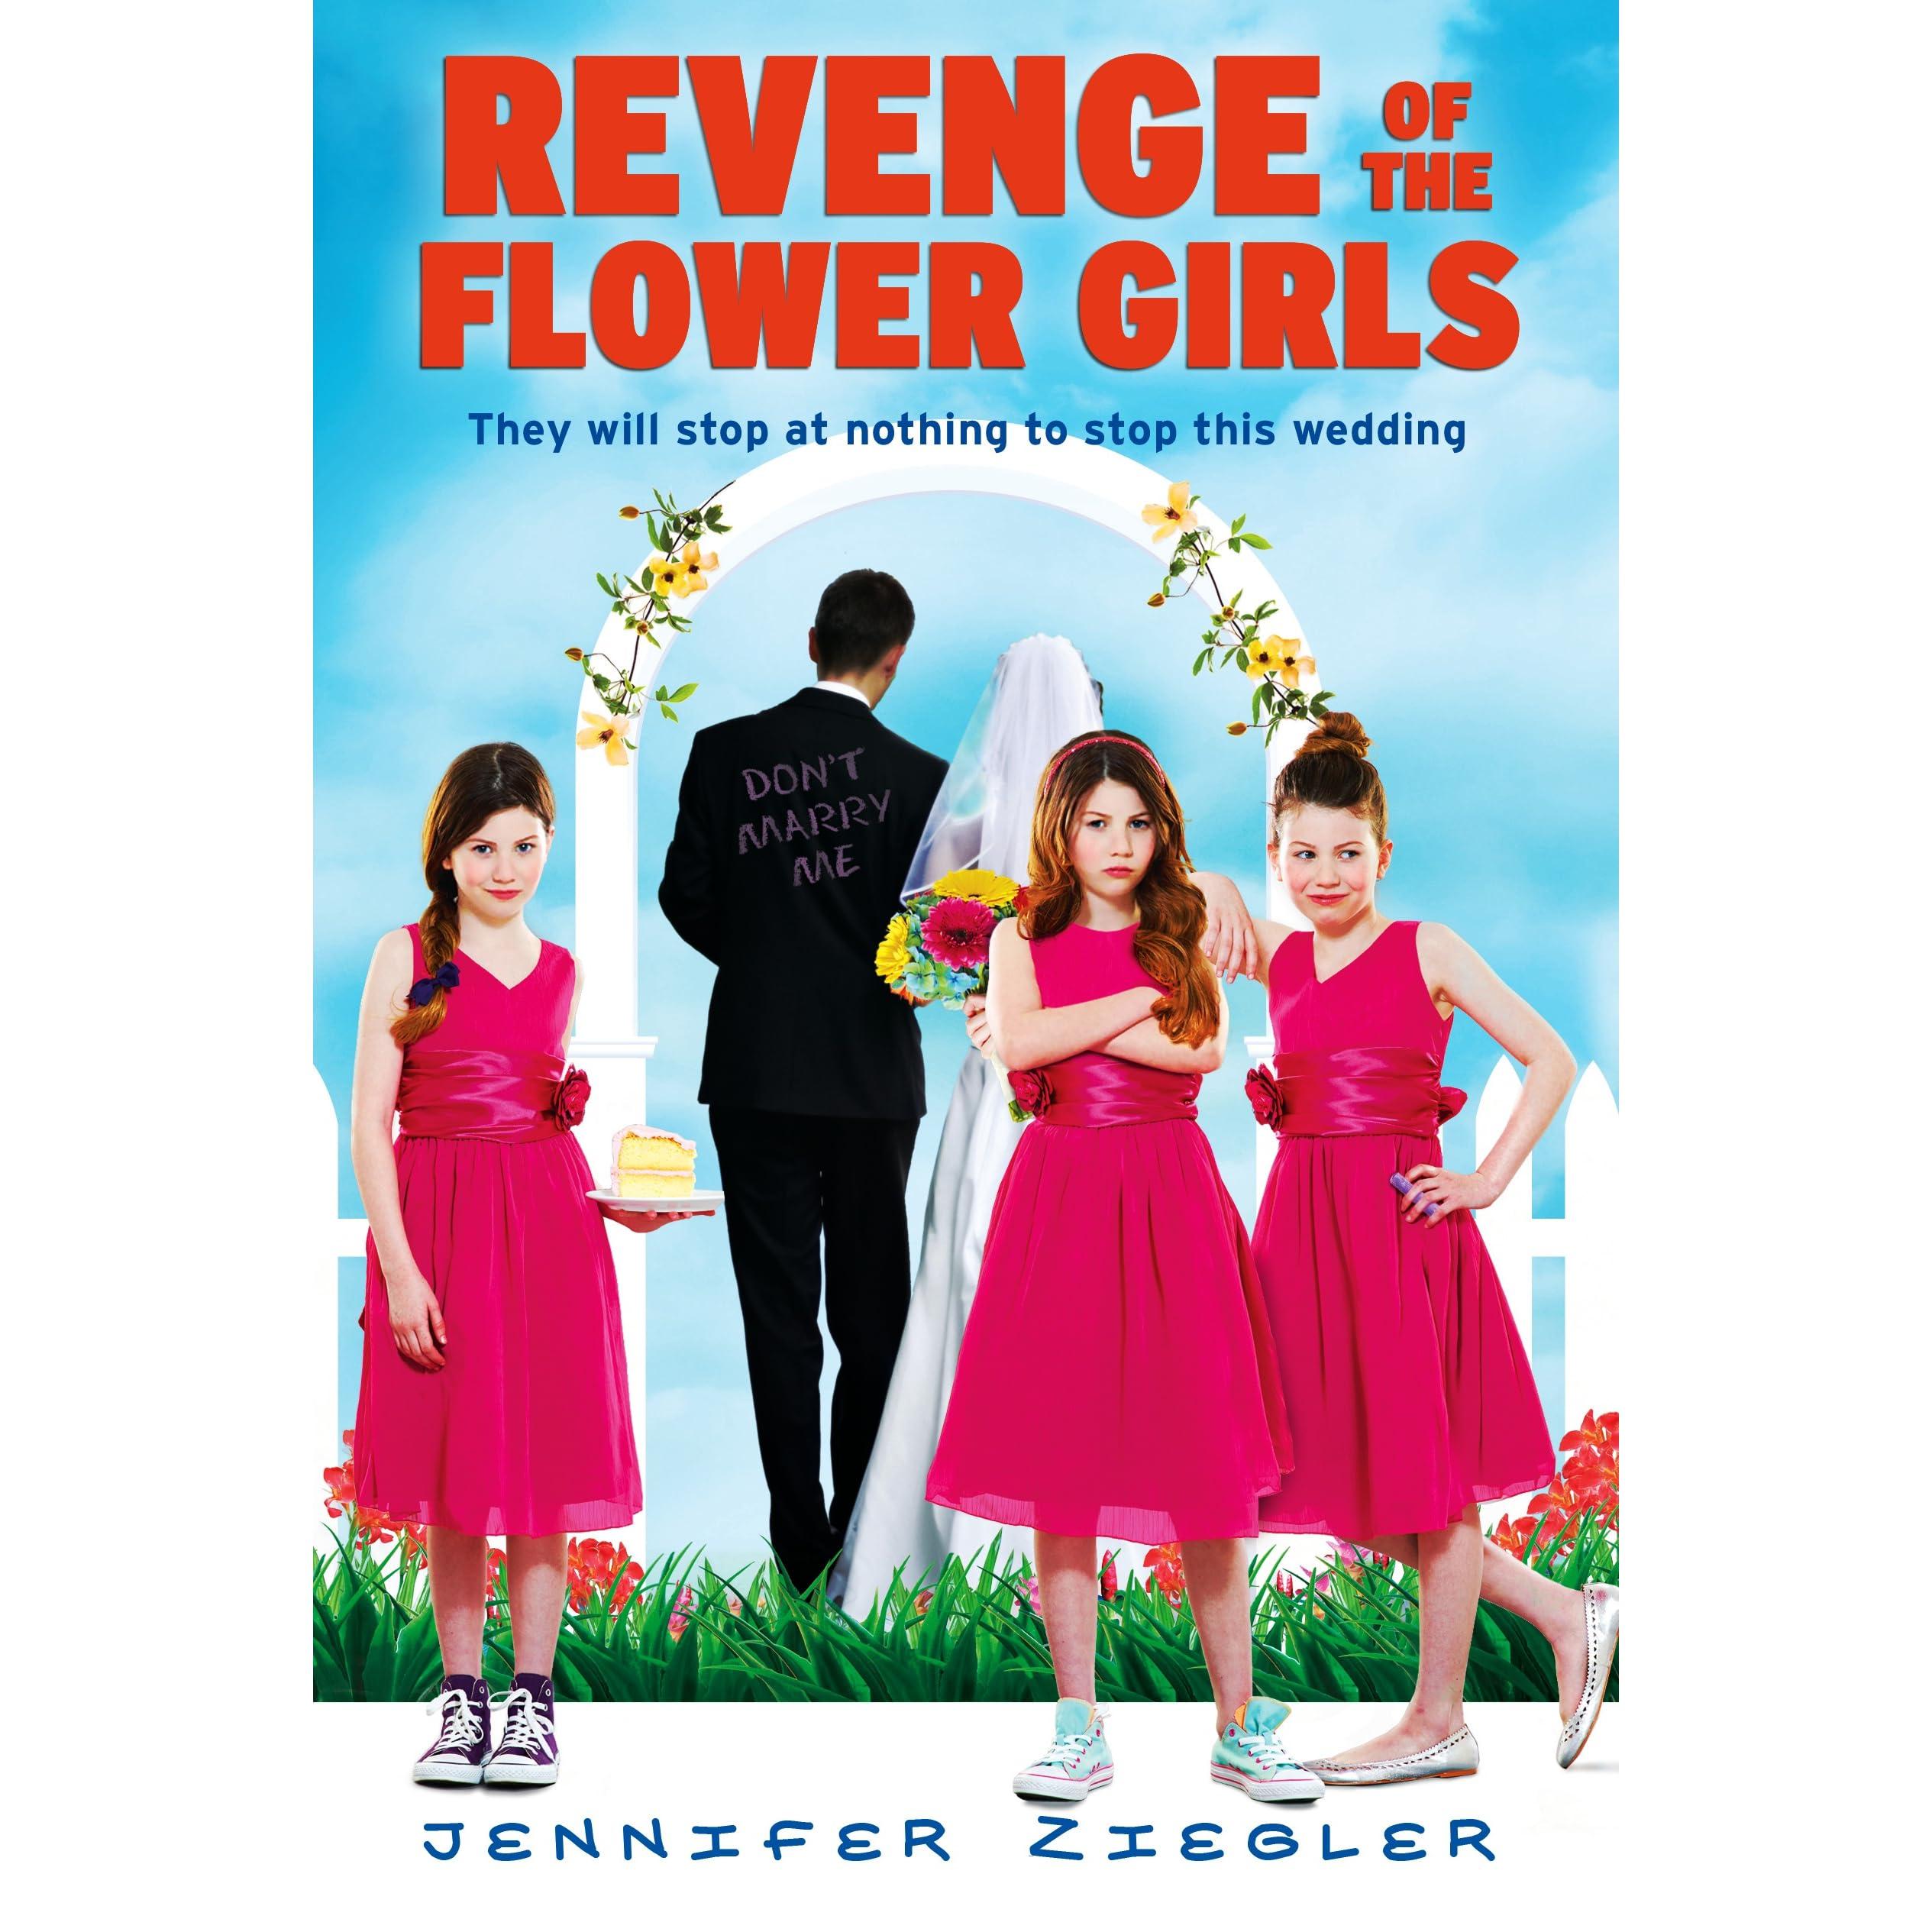 Revenge of the Flower Girls by Jennifer Ziegler